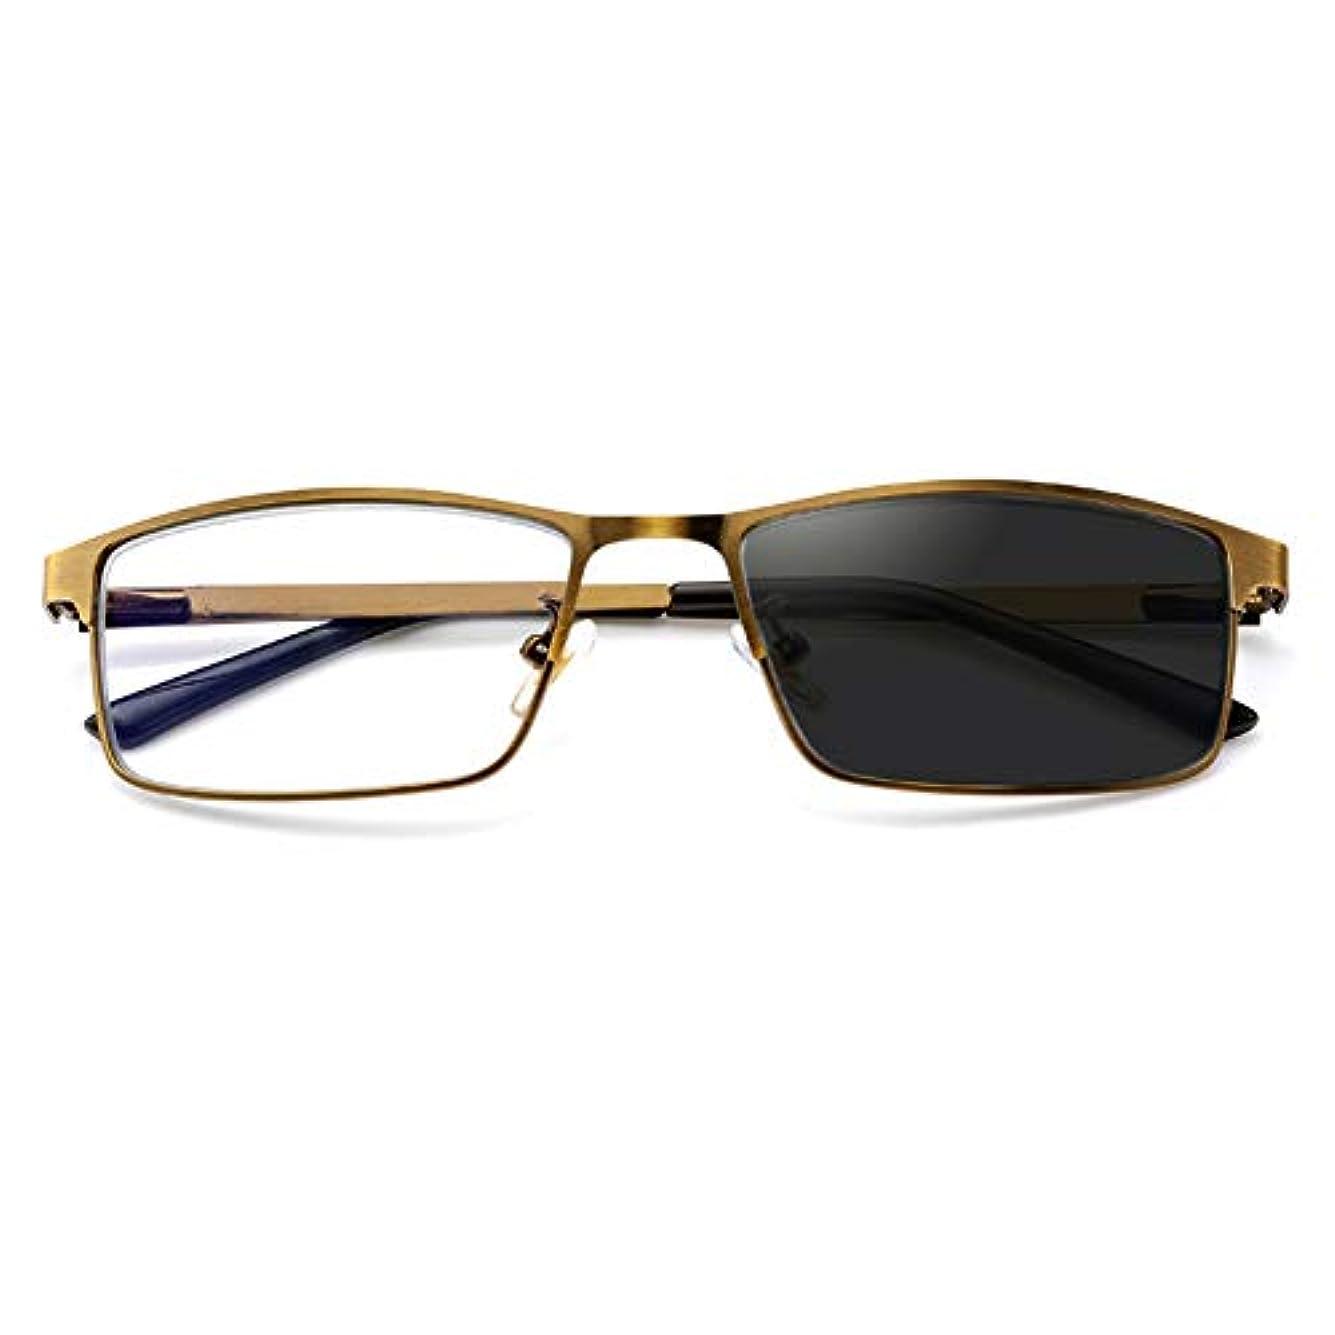 スナップ損なうモーターファッション新しいトレンドサンフォトクロミック老眼鏡、多焦点視度調節可能なメガネ、アンチアイストレイン、UVプロテクション、アウトドアスポーツの読書に適しています